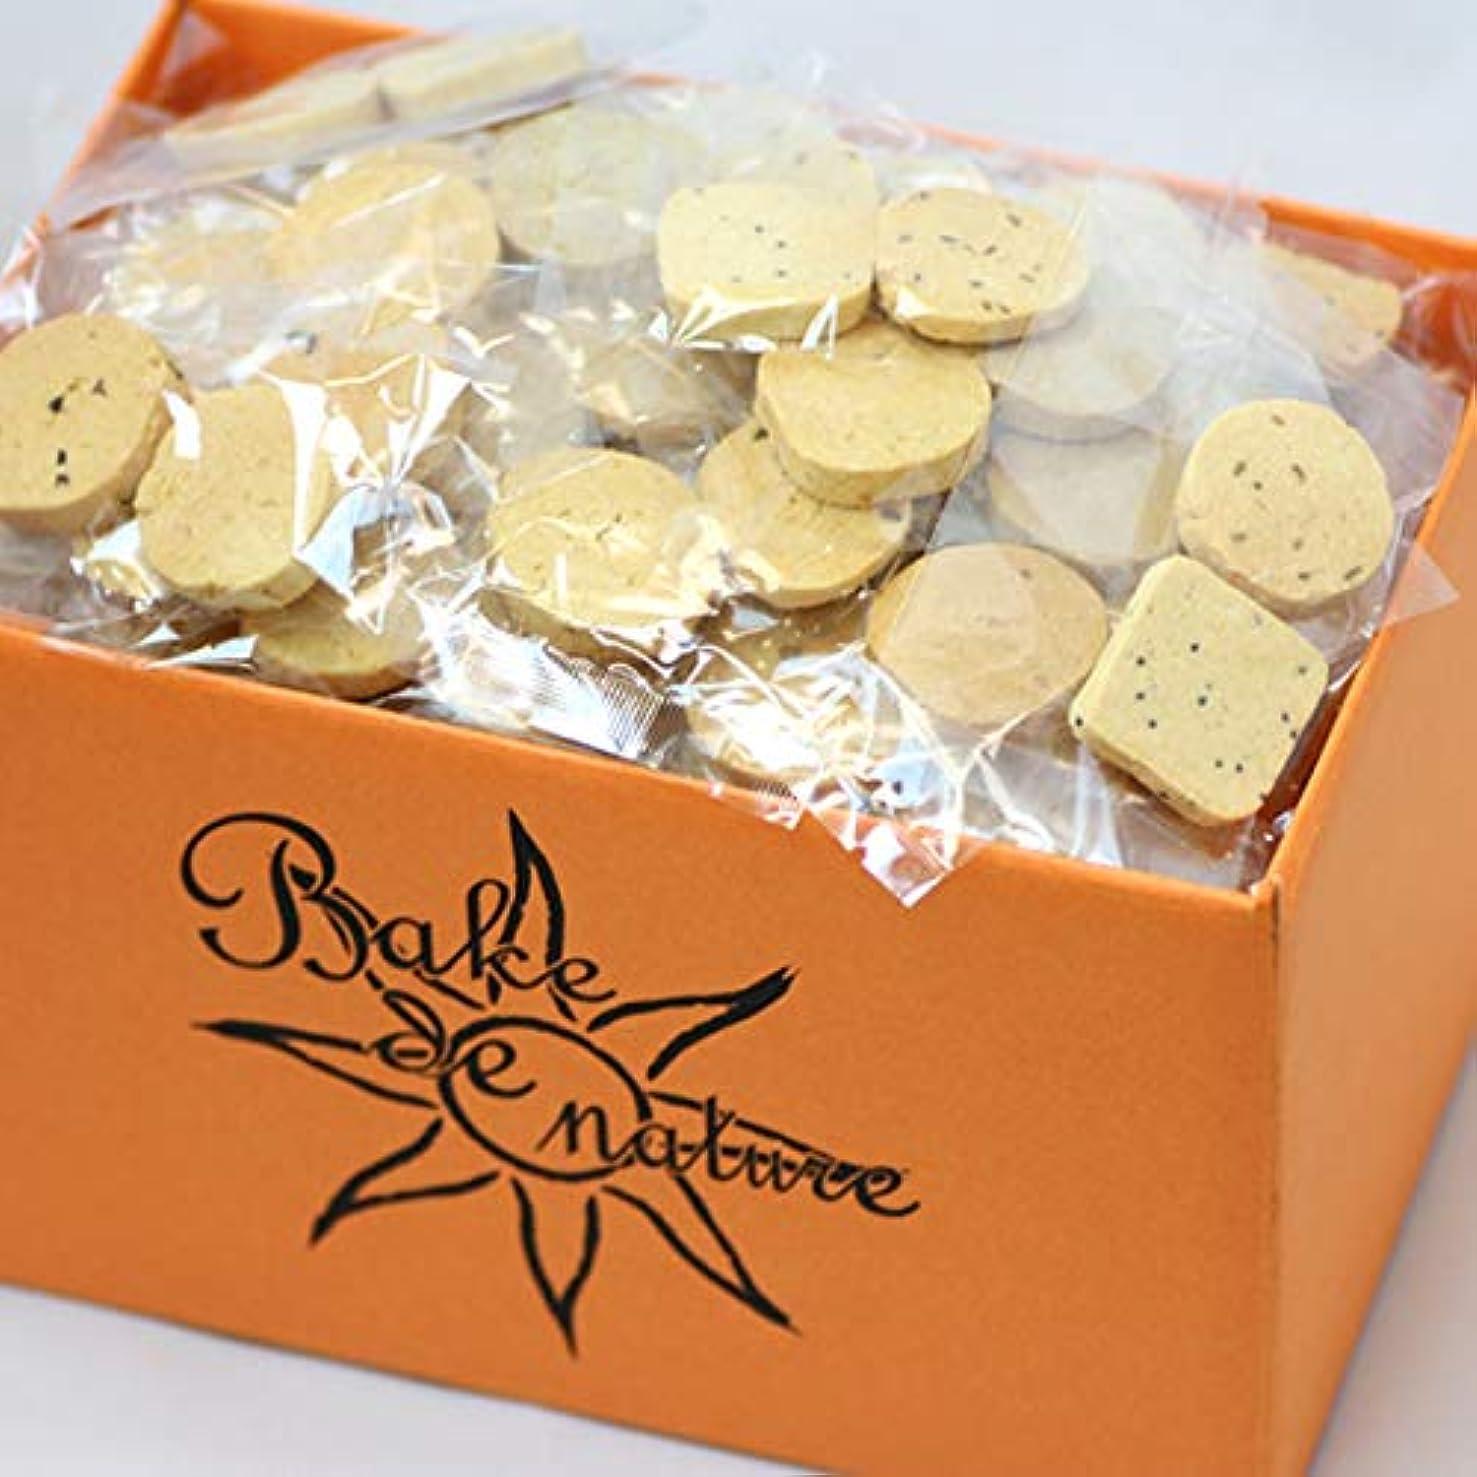 動機鬼ごっこうがいスーパーフード豆乳おからクッキー (10種類MIX) 1袋 1kg (個包装) 小麦粉不使用のダイエットクッキー